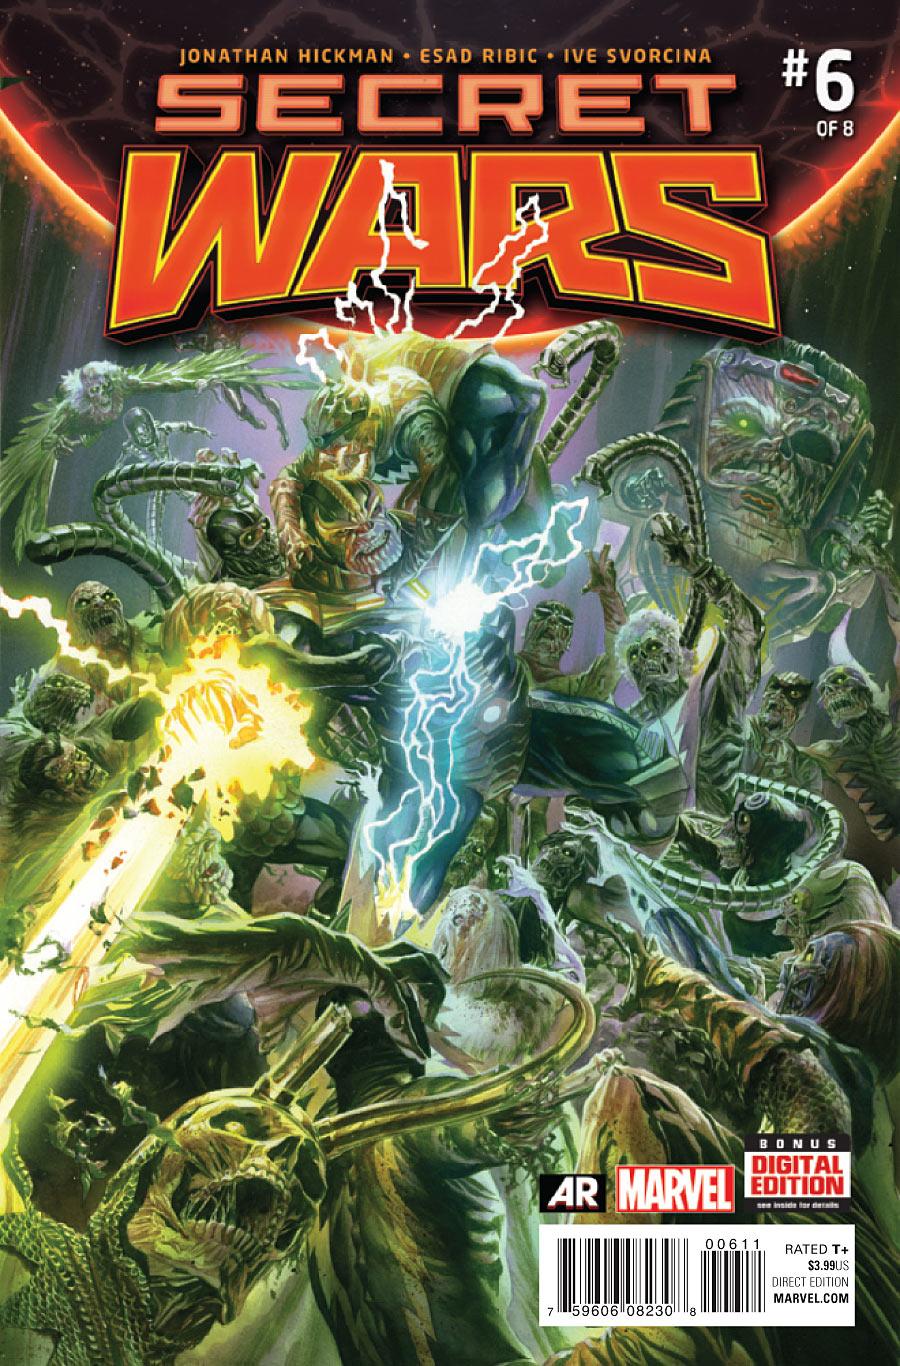 Secret Wars #6, cover